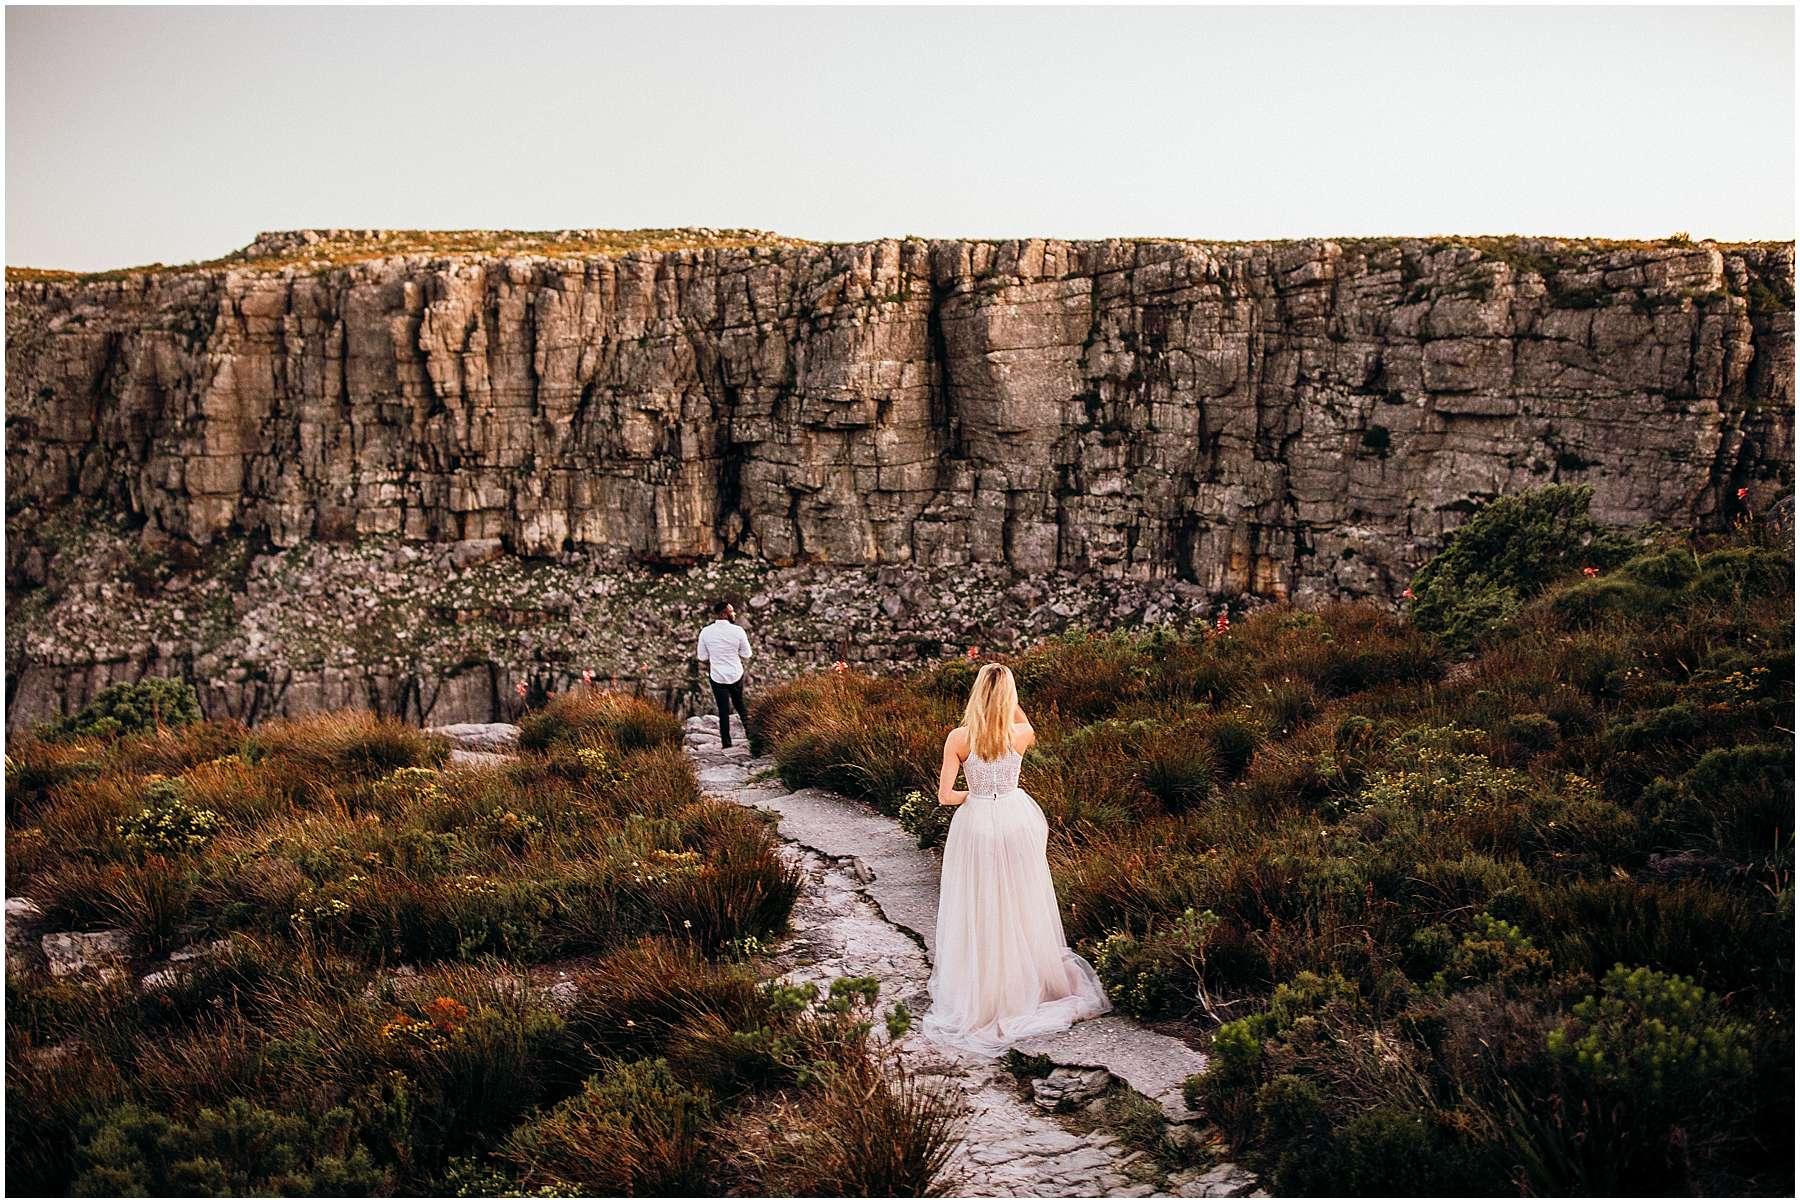 LOTTYH-South-Africa-Elopement-Photographer_0012.jpg